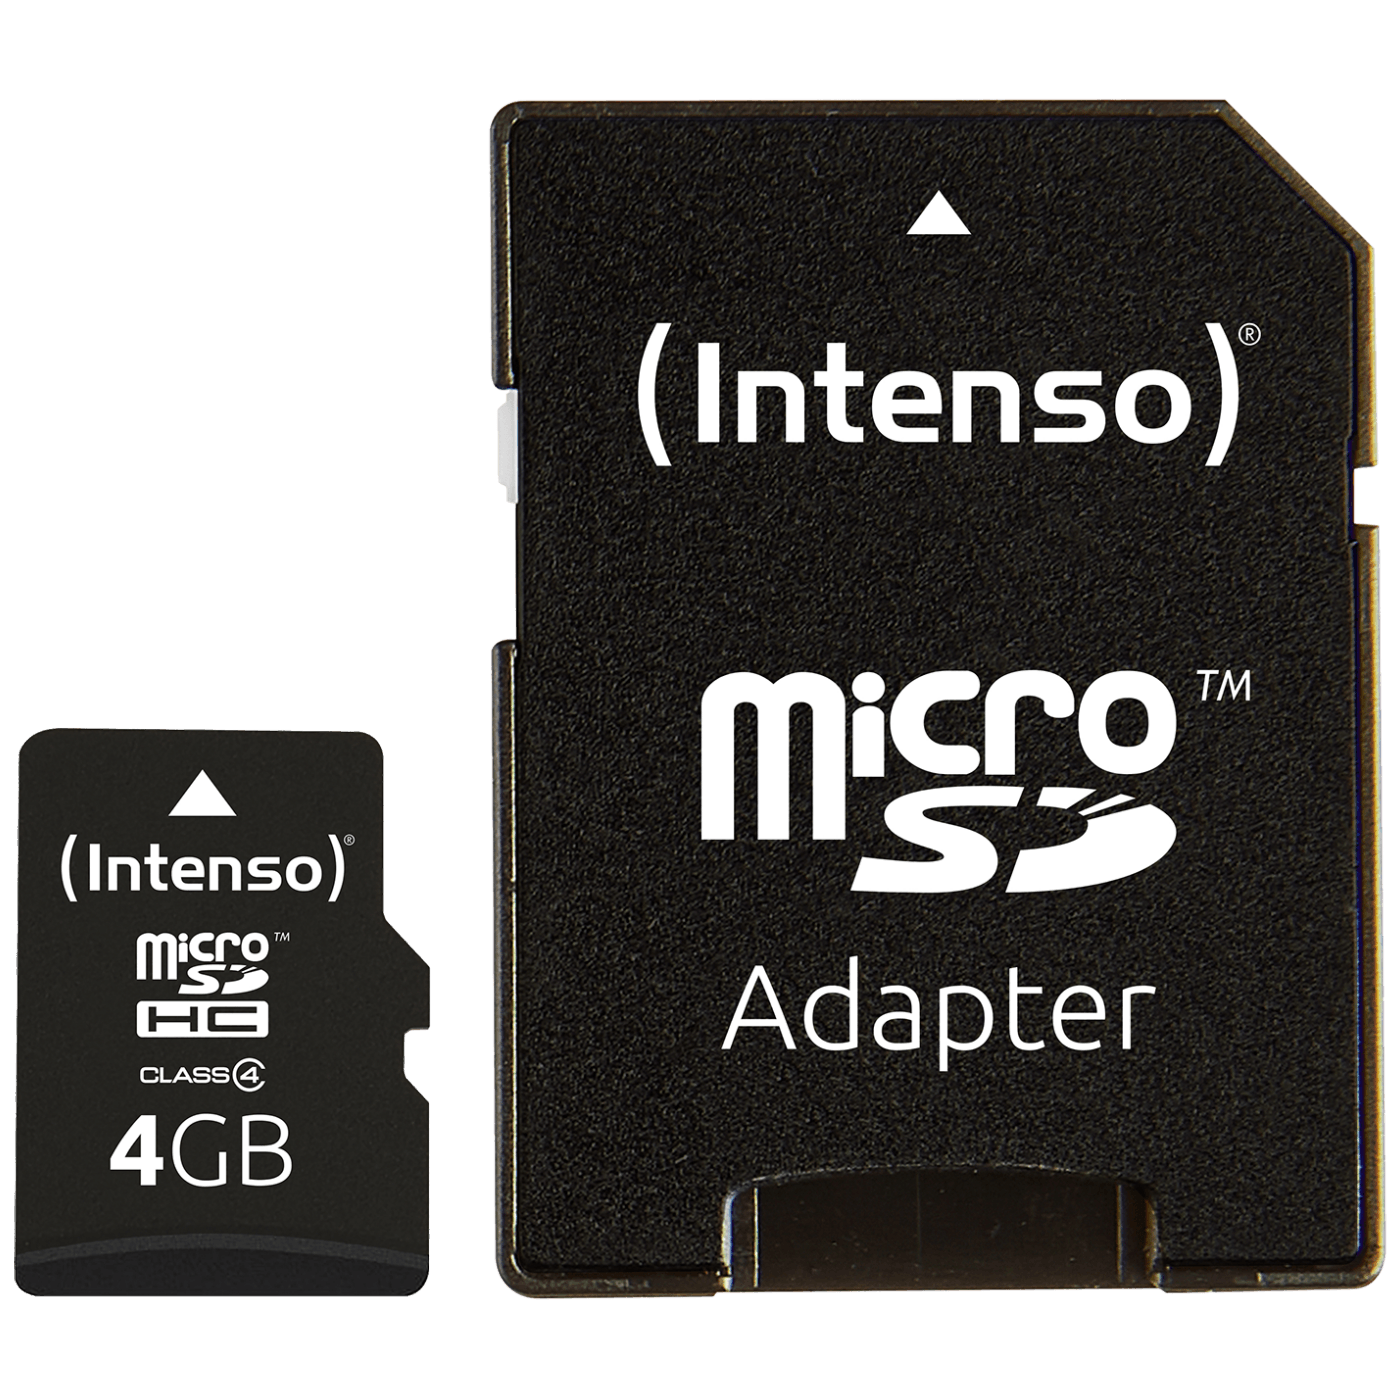 SDHCmicro+ad-4GB/Class4